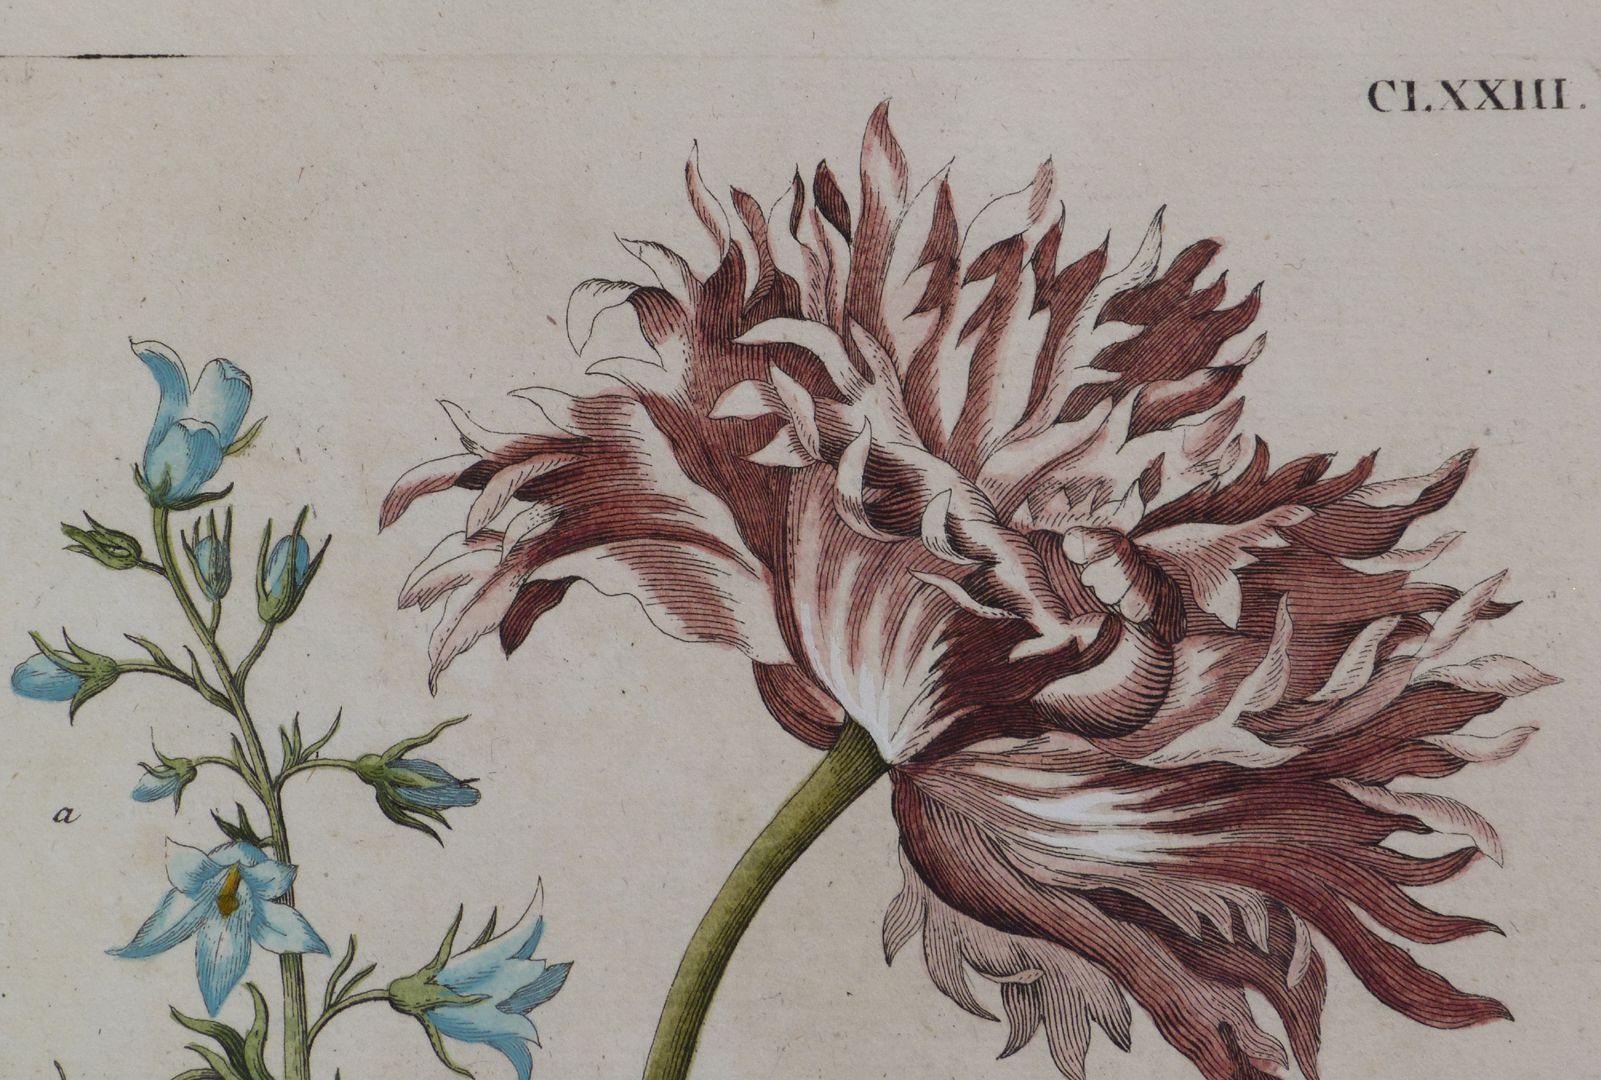 Magsamen-Blume = blaue Wiesen=Glöcklein / und ein Stieglitz / oder Distelfink obere Blatthälfte